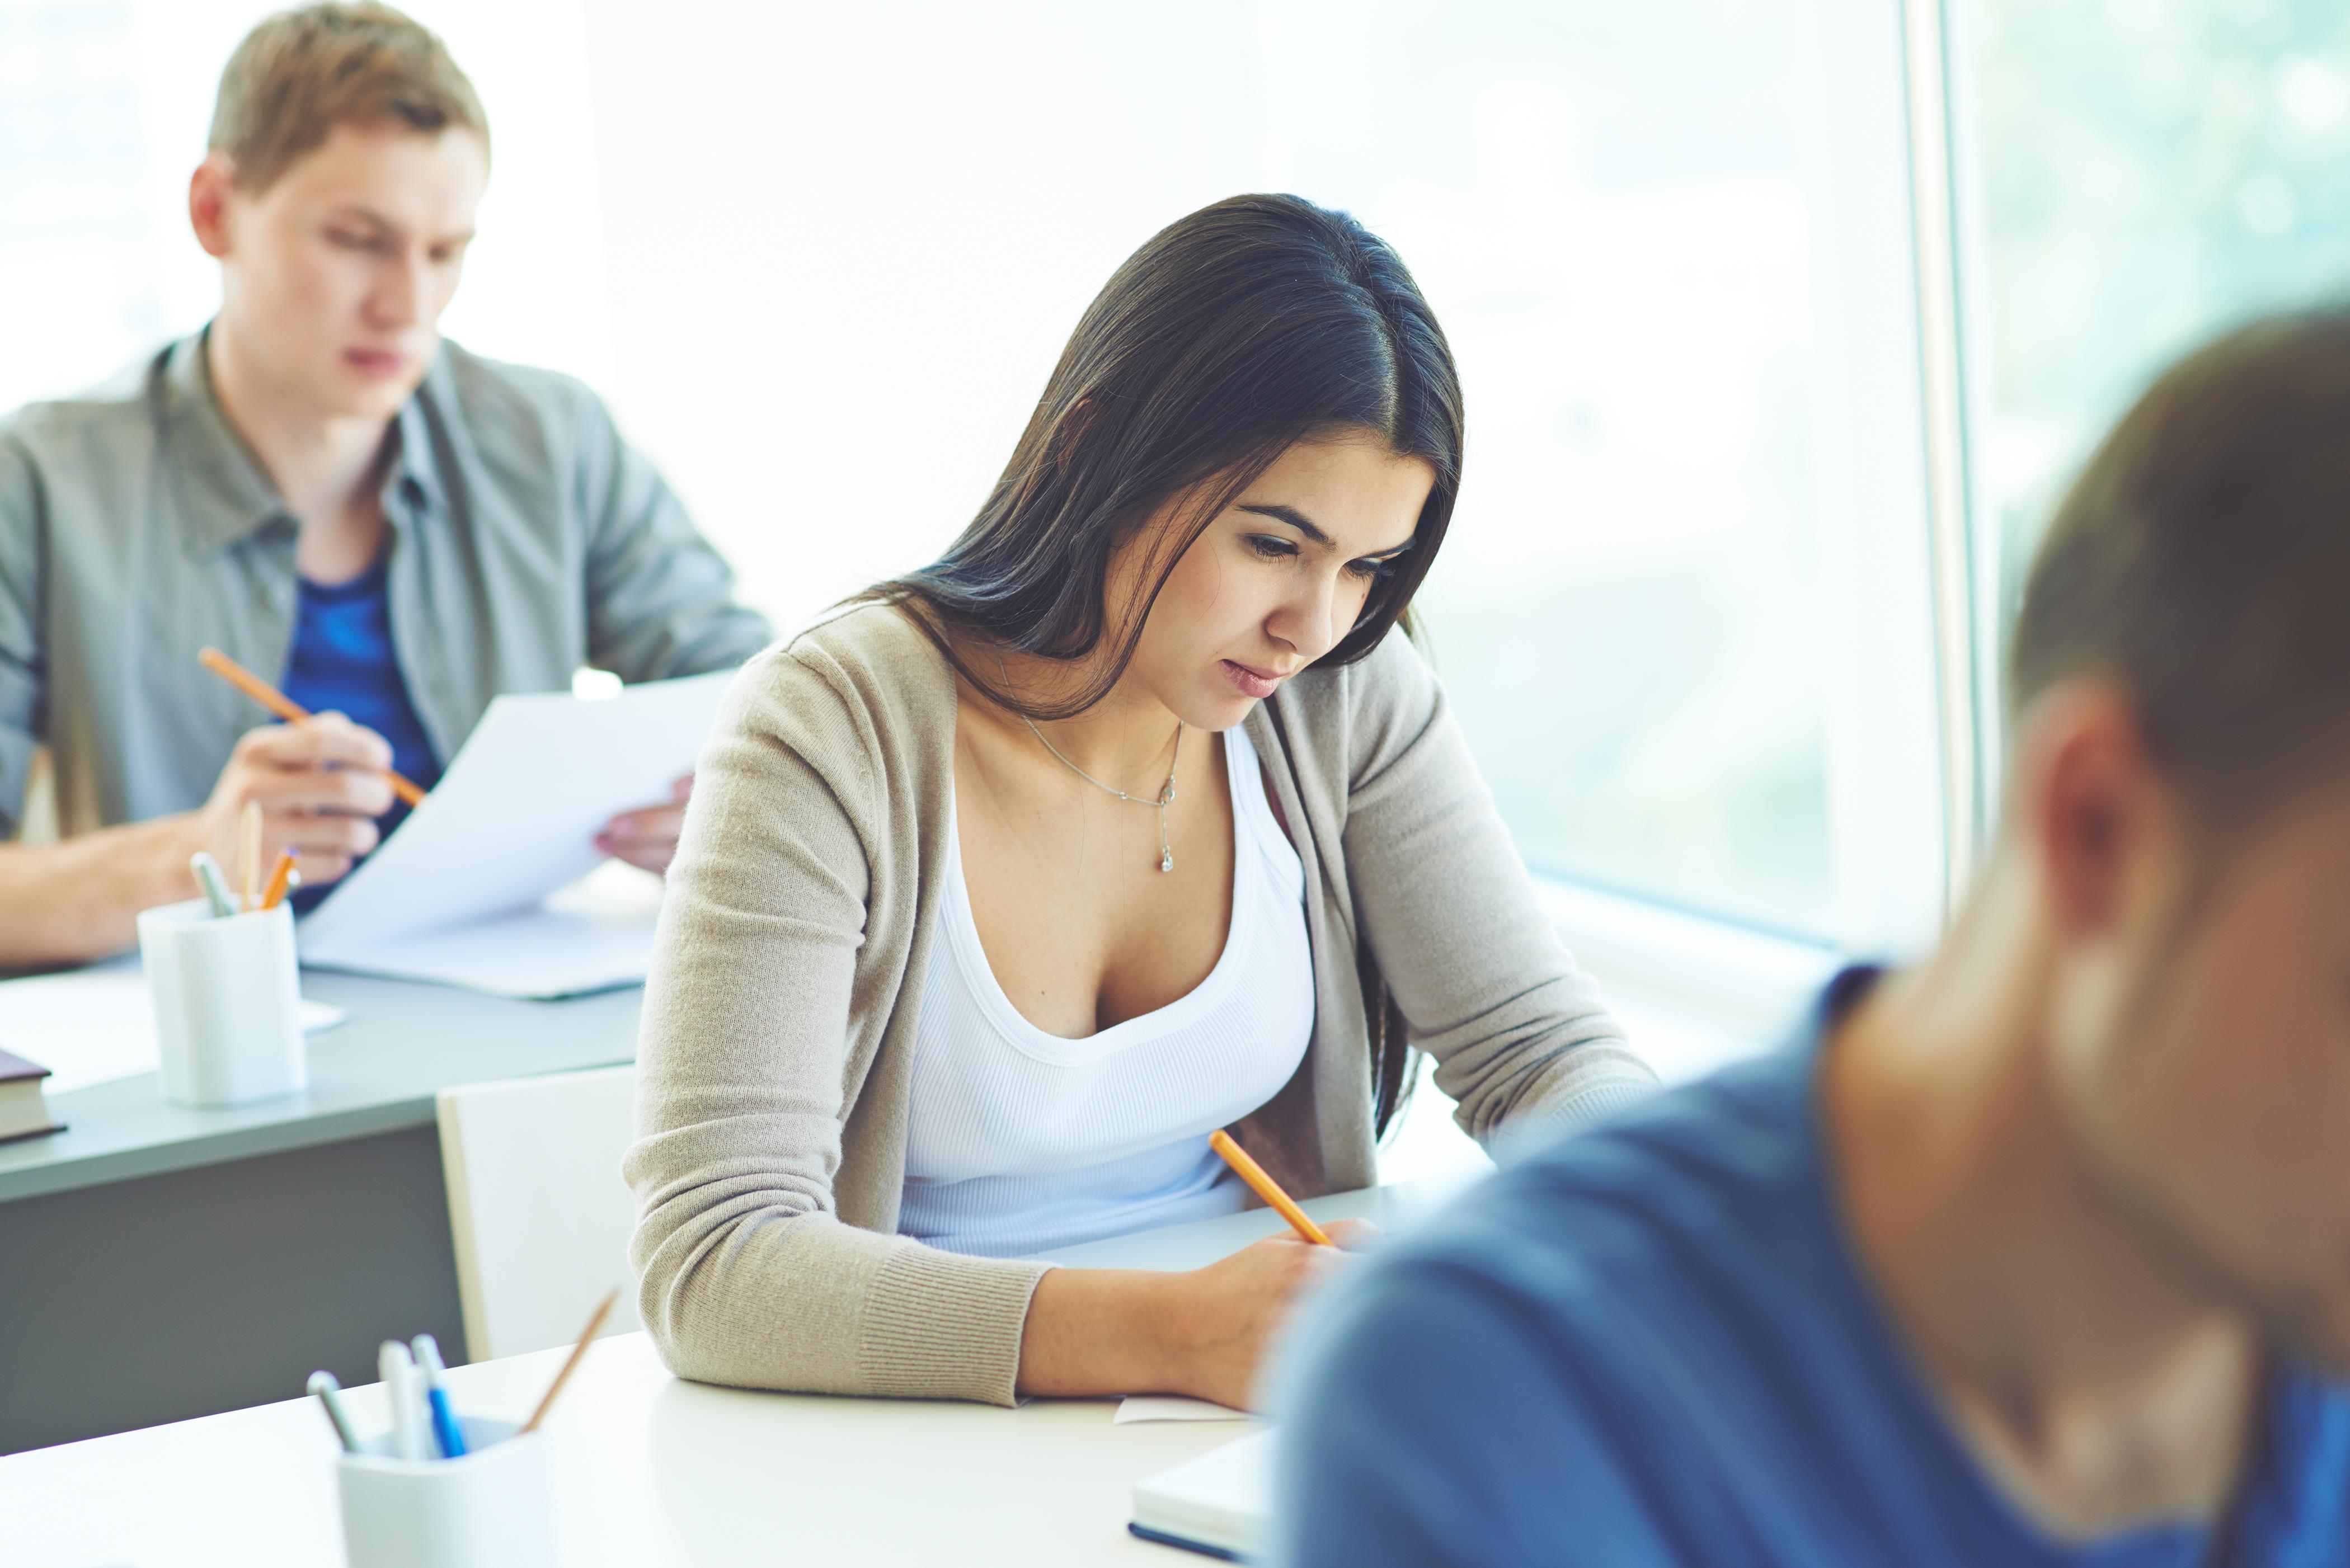 Студентки веселятся после экзамена, Студентки после экзамена » Порно видео онлайн 17 фотография